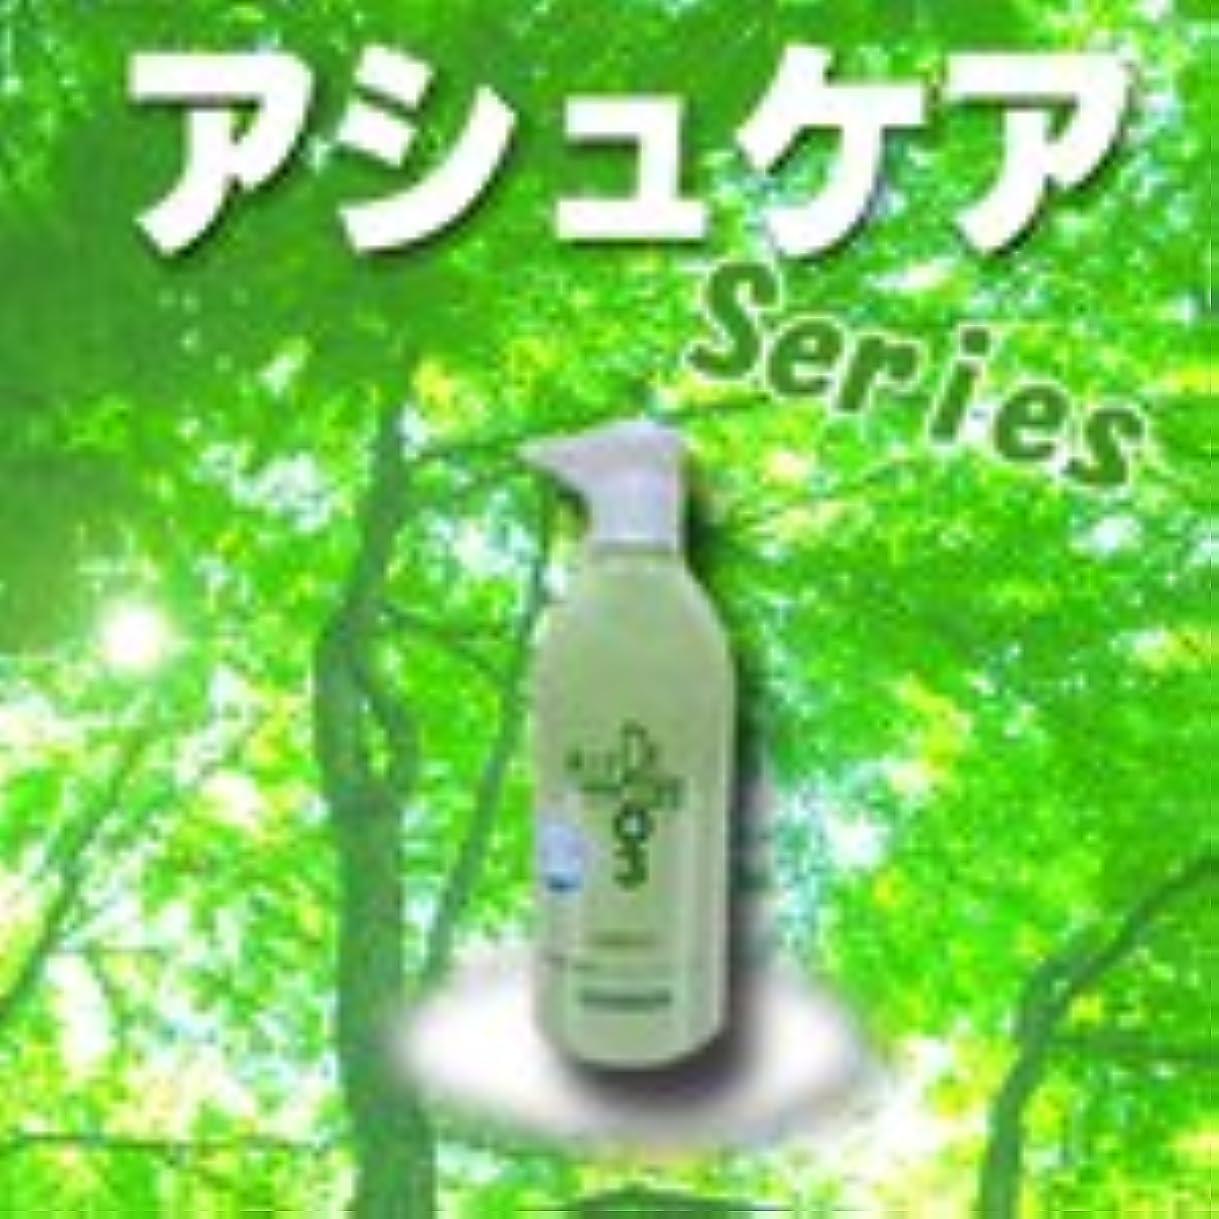 試み災害ローブアシュケア 薬用メディコンディショナー350g 【液体】【敏感肌】 【医薬部外品】